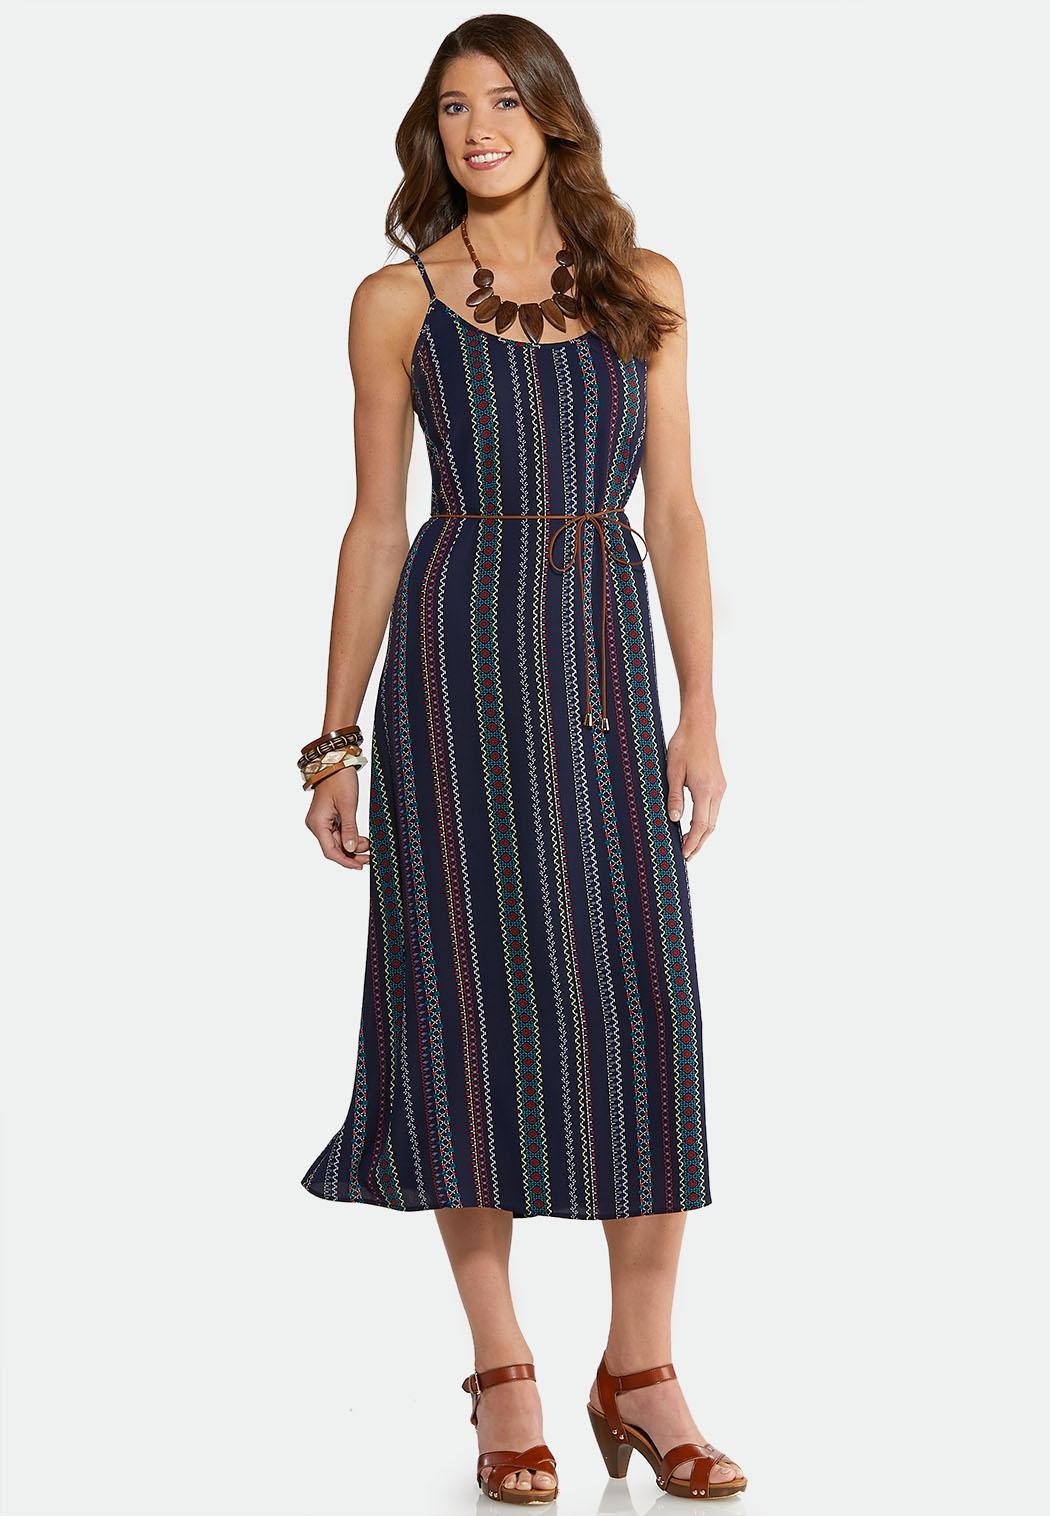 f6e46a9e5c22 Zig-Zag Stripe Slip Dress Junior/Misses Cato Fashions